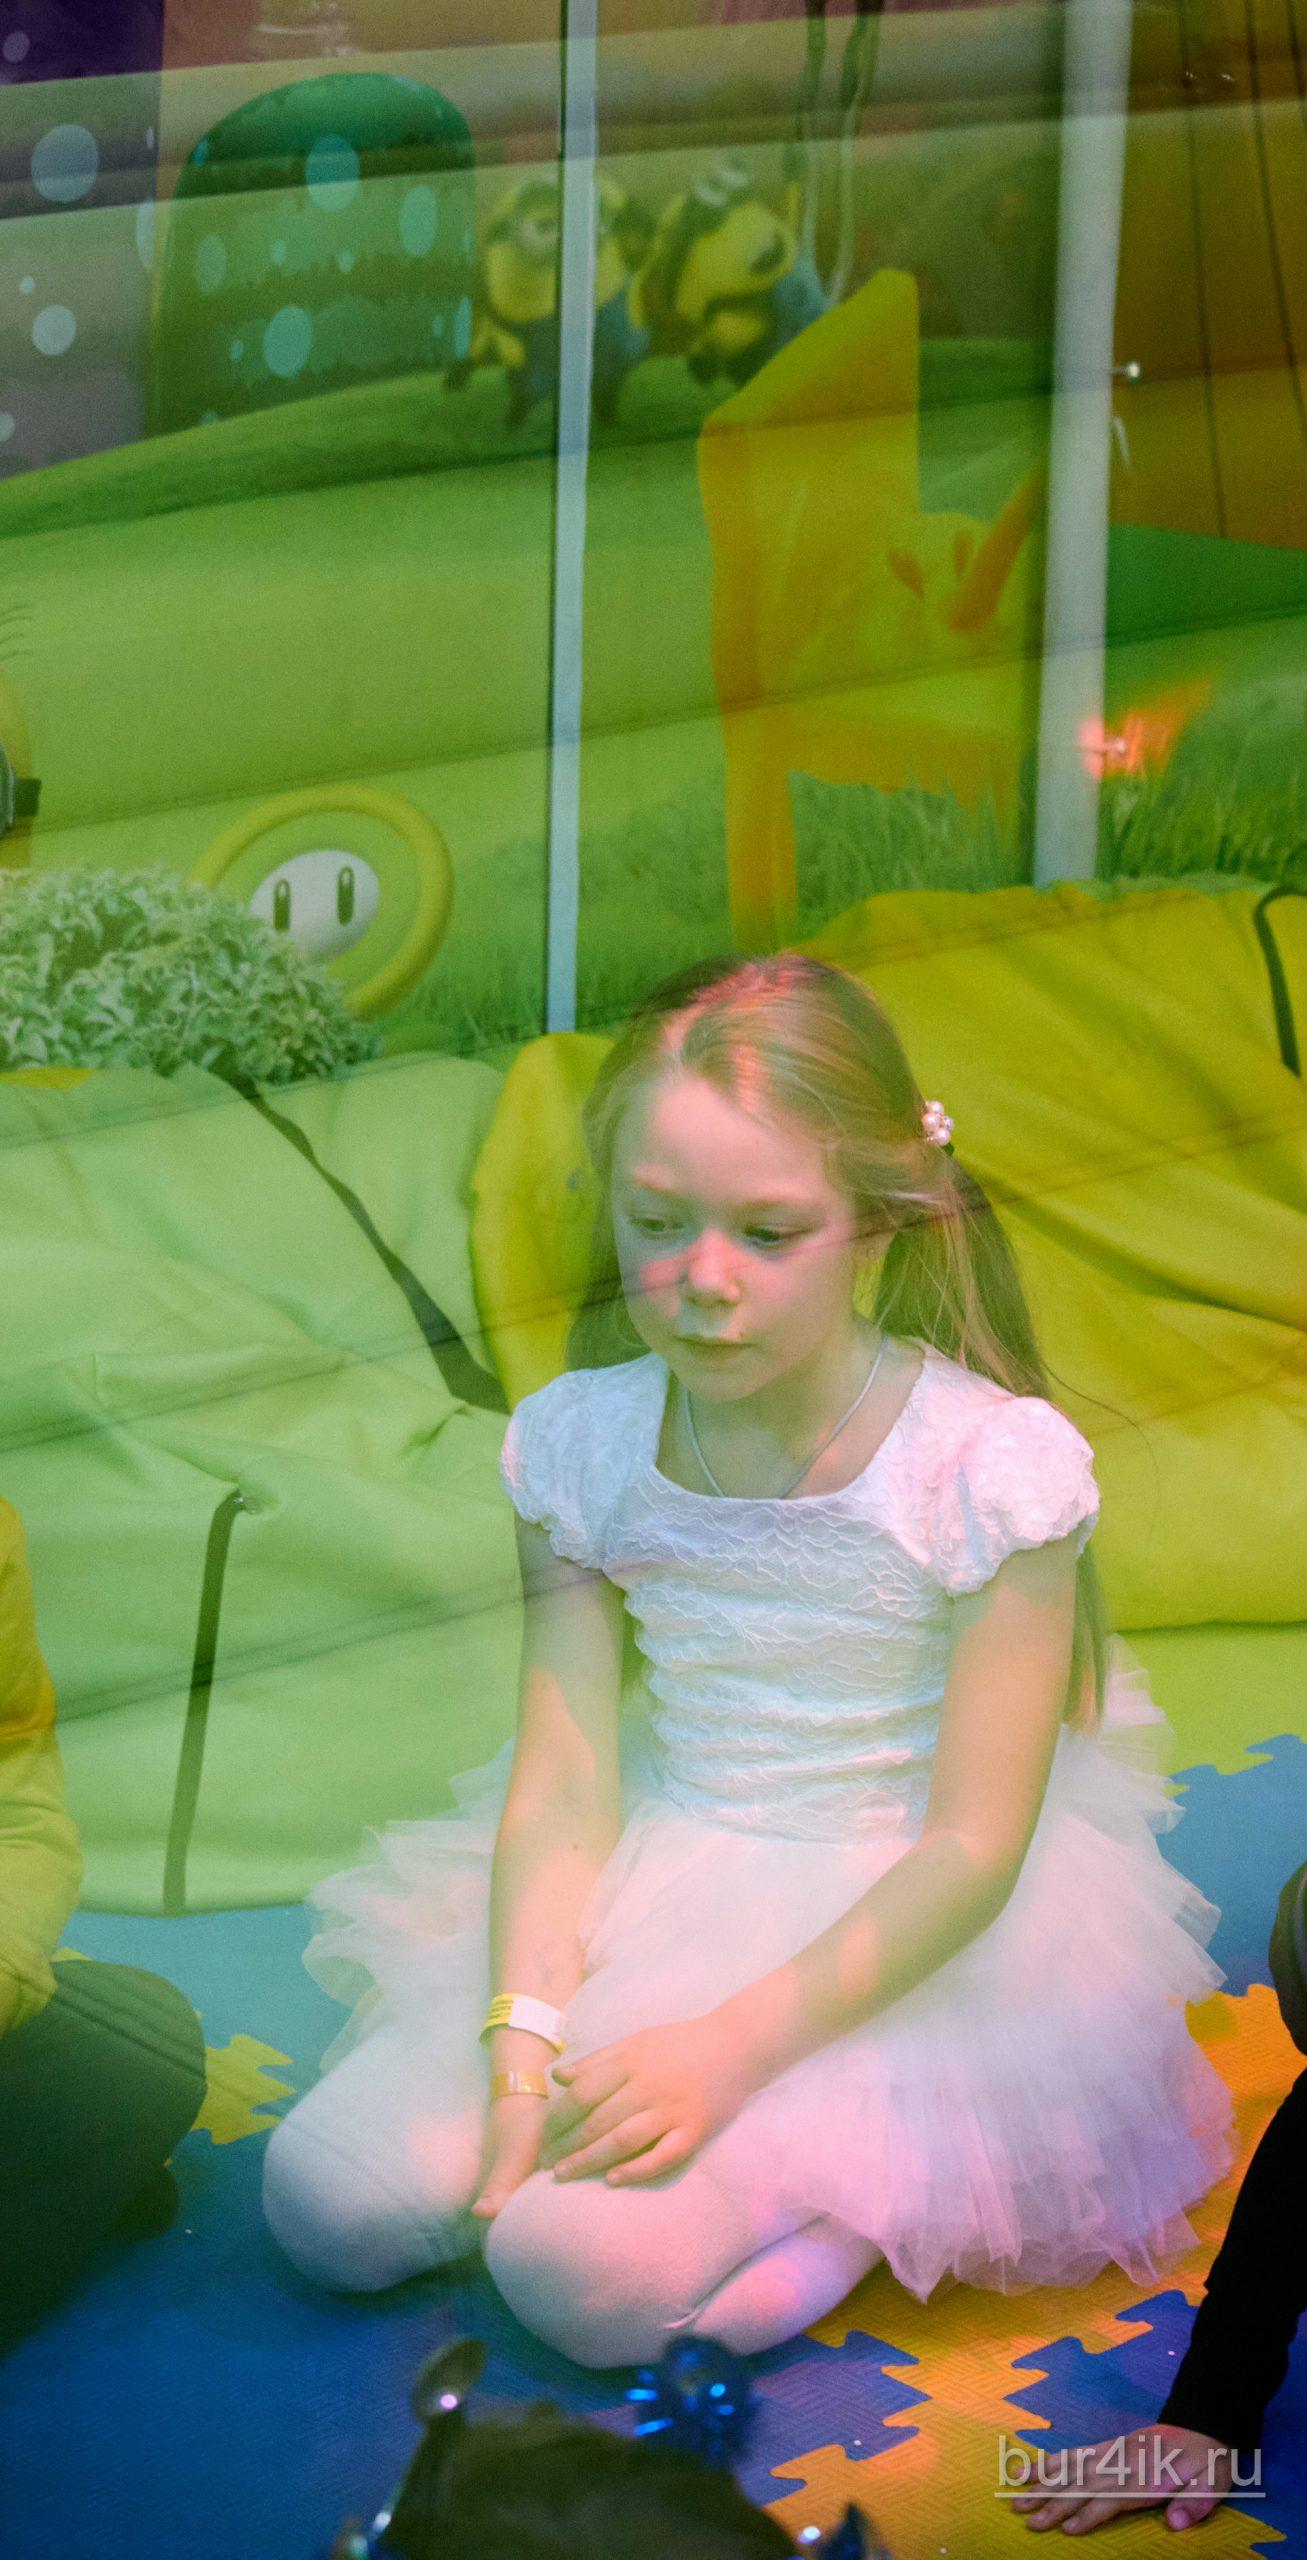 Фото Детское День Рождения в Детский Дворик 15.01.2020 №172 -photo- bur4ik.ru